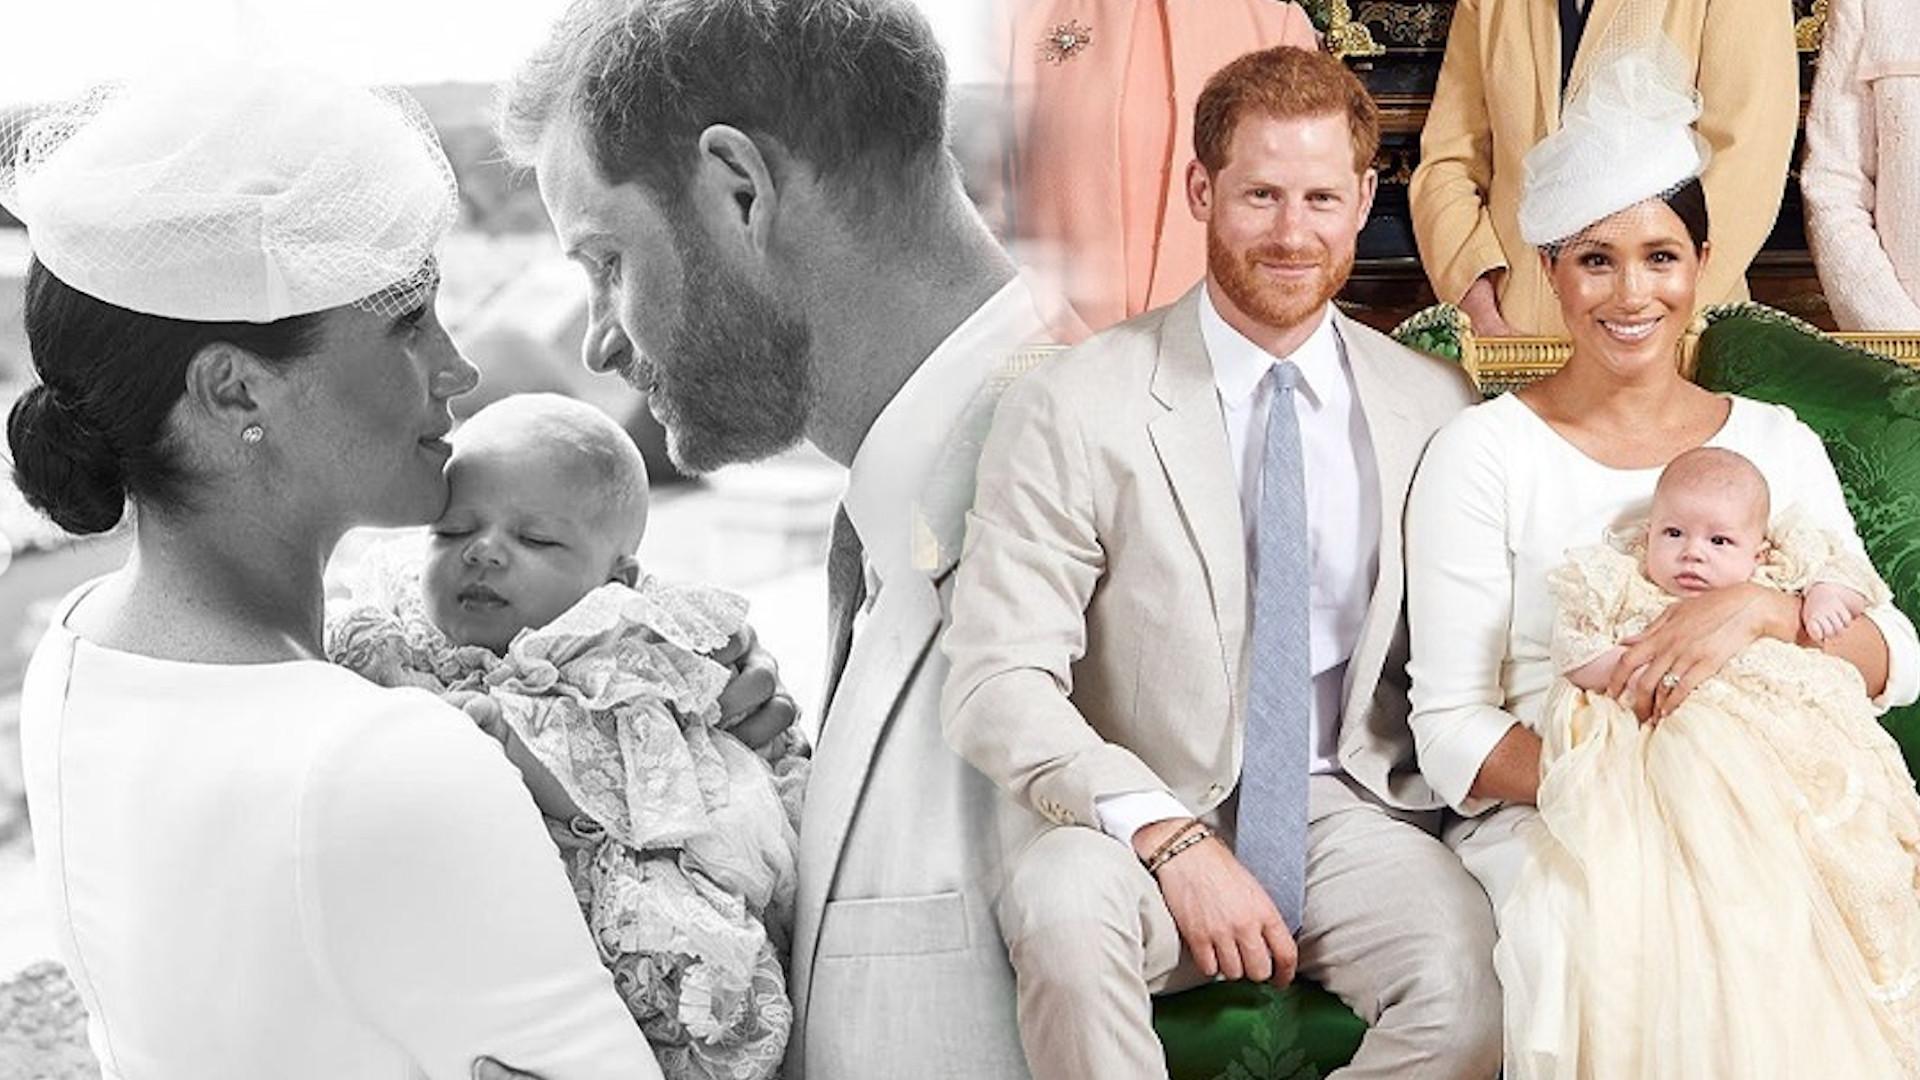 Już wiadomo, kto jest chrzestnym Archiego, syna Harry'ego i Meghan